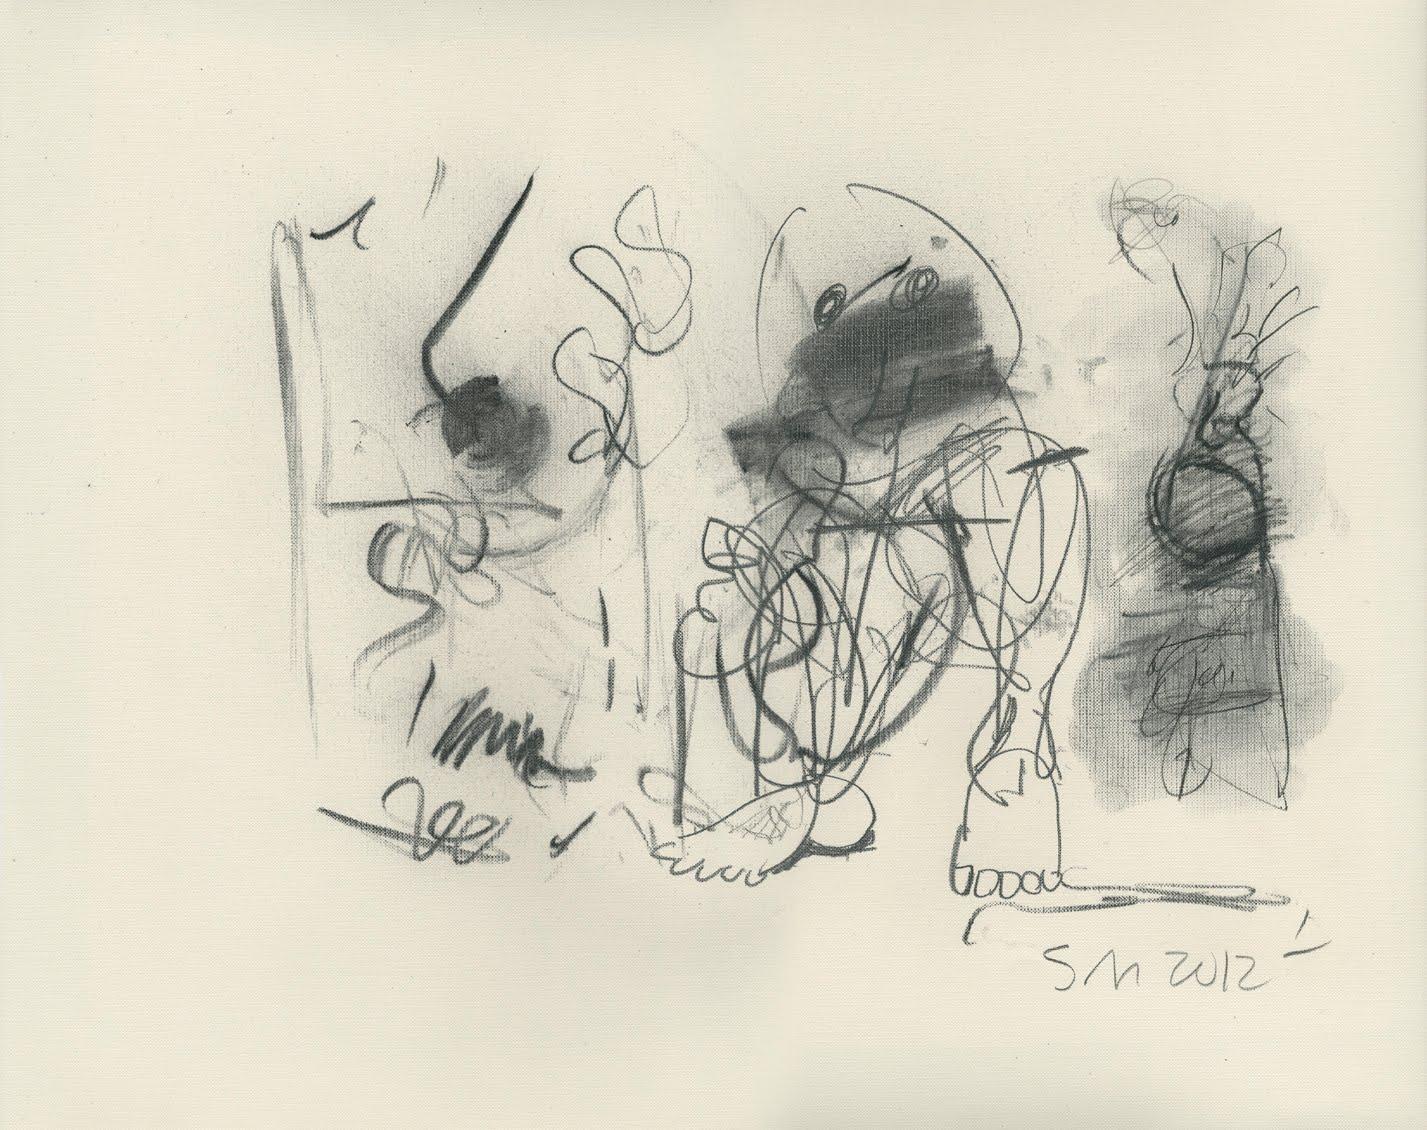 http://3.bp.blogspot.com/-CdWfIb0jpI4/Twu3jsg3X9I/AAAAAAAAAeU/f2351IZlSeg/s1600/canvas_paper_drawing_pad2_07%2Bcopy.jpg